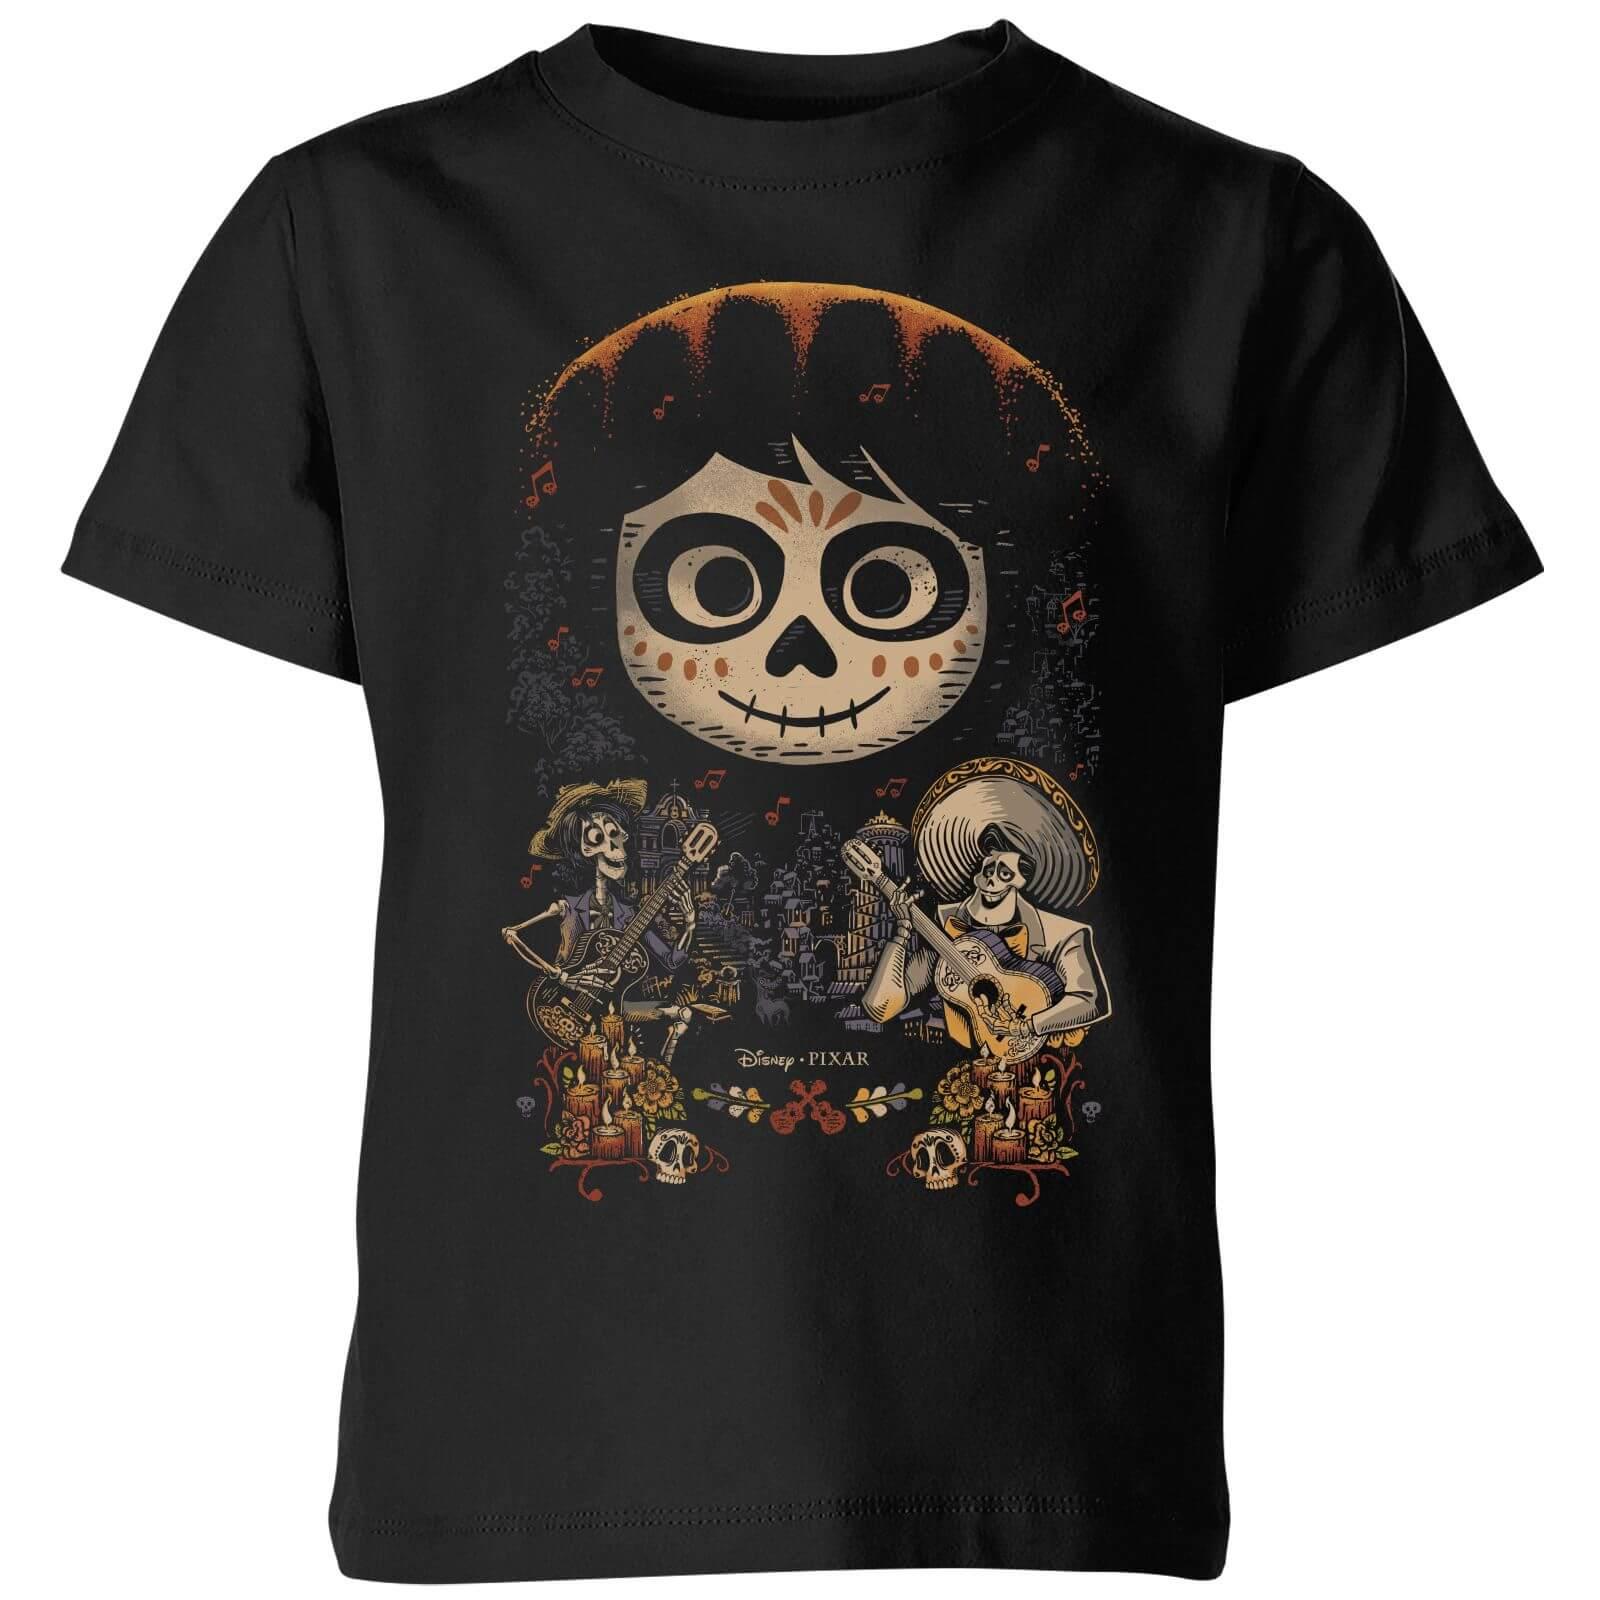 Pixar T-Shirt Enfant Visage Miguel Poster Coco - Noir - 3-4 ans - Noir